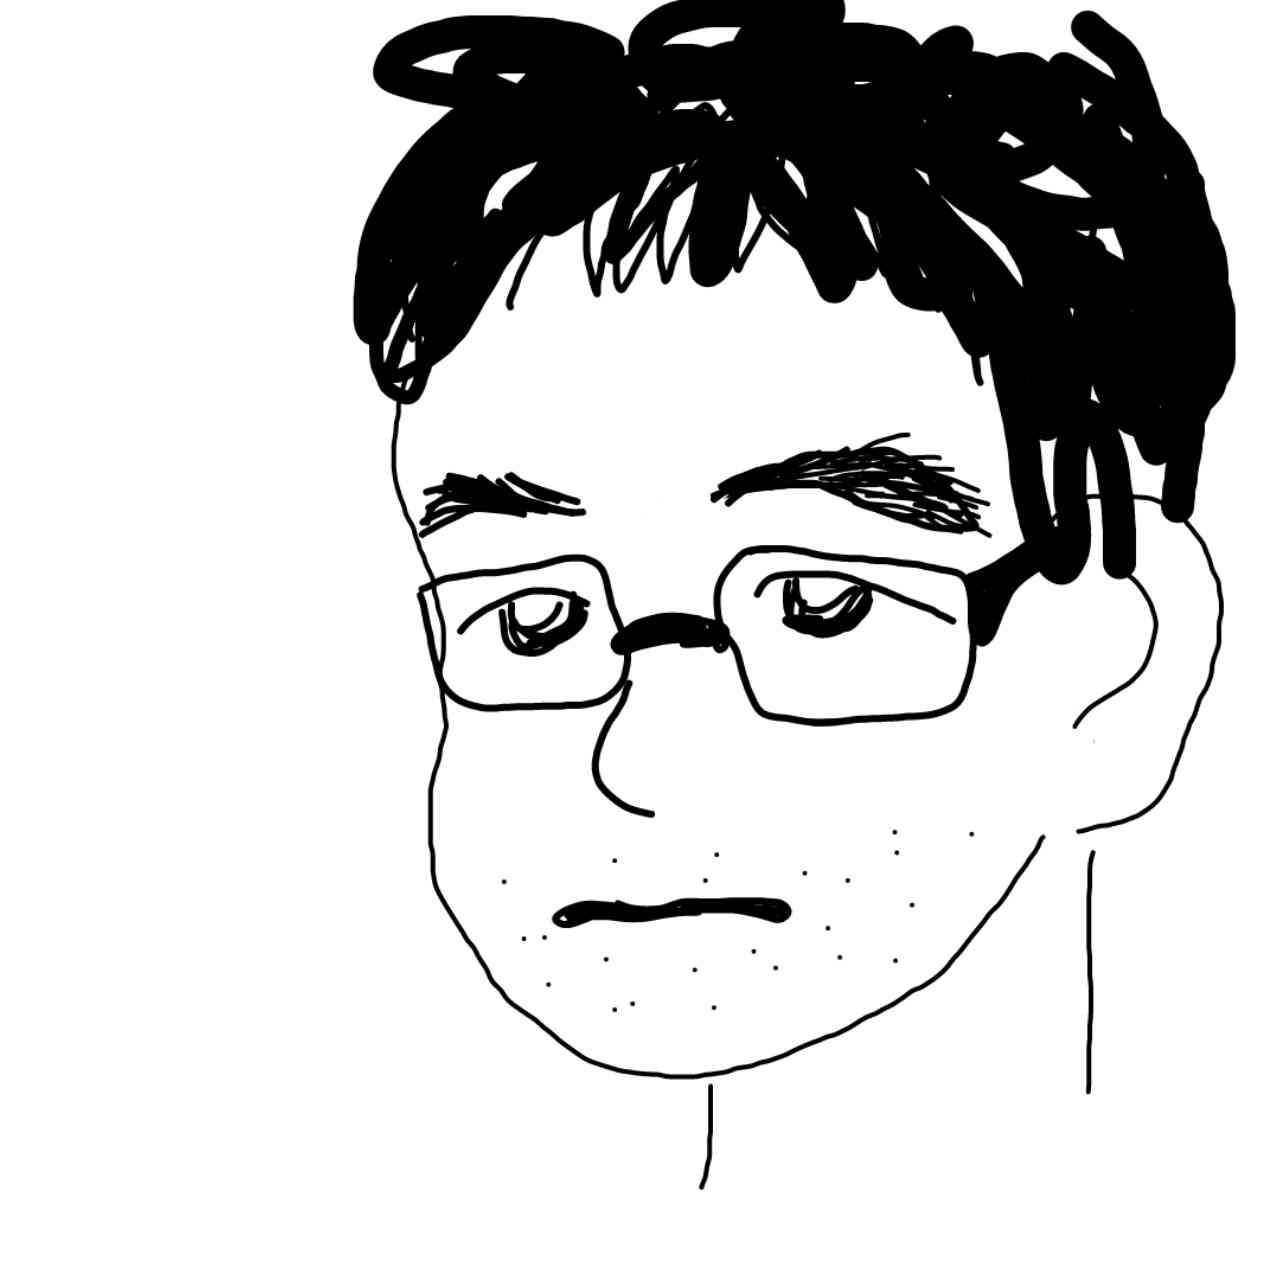 彼氏/旦那の似顔絵 Part4